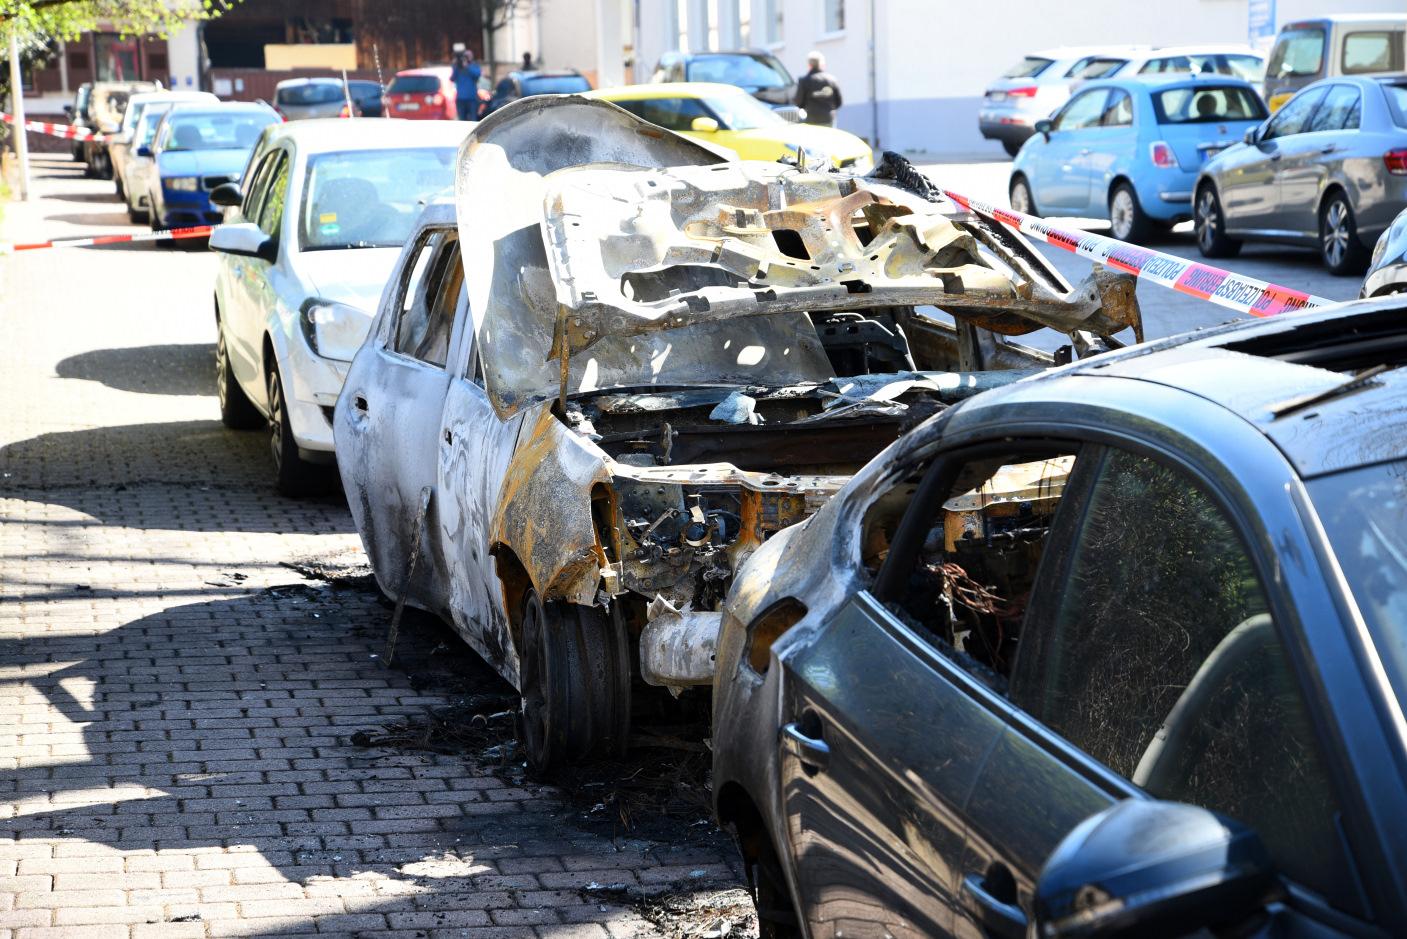 Hirschberg-Leutershausen: Fahrzeuge mutwillig in Brand gesetzt - ca. 75.000.- Euro Schaden